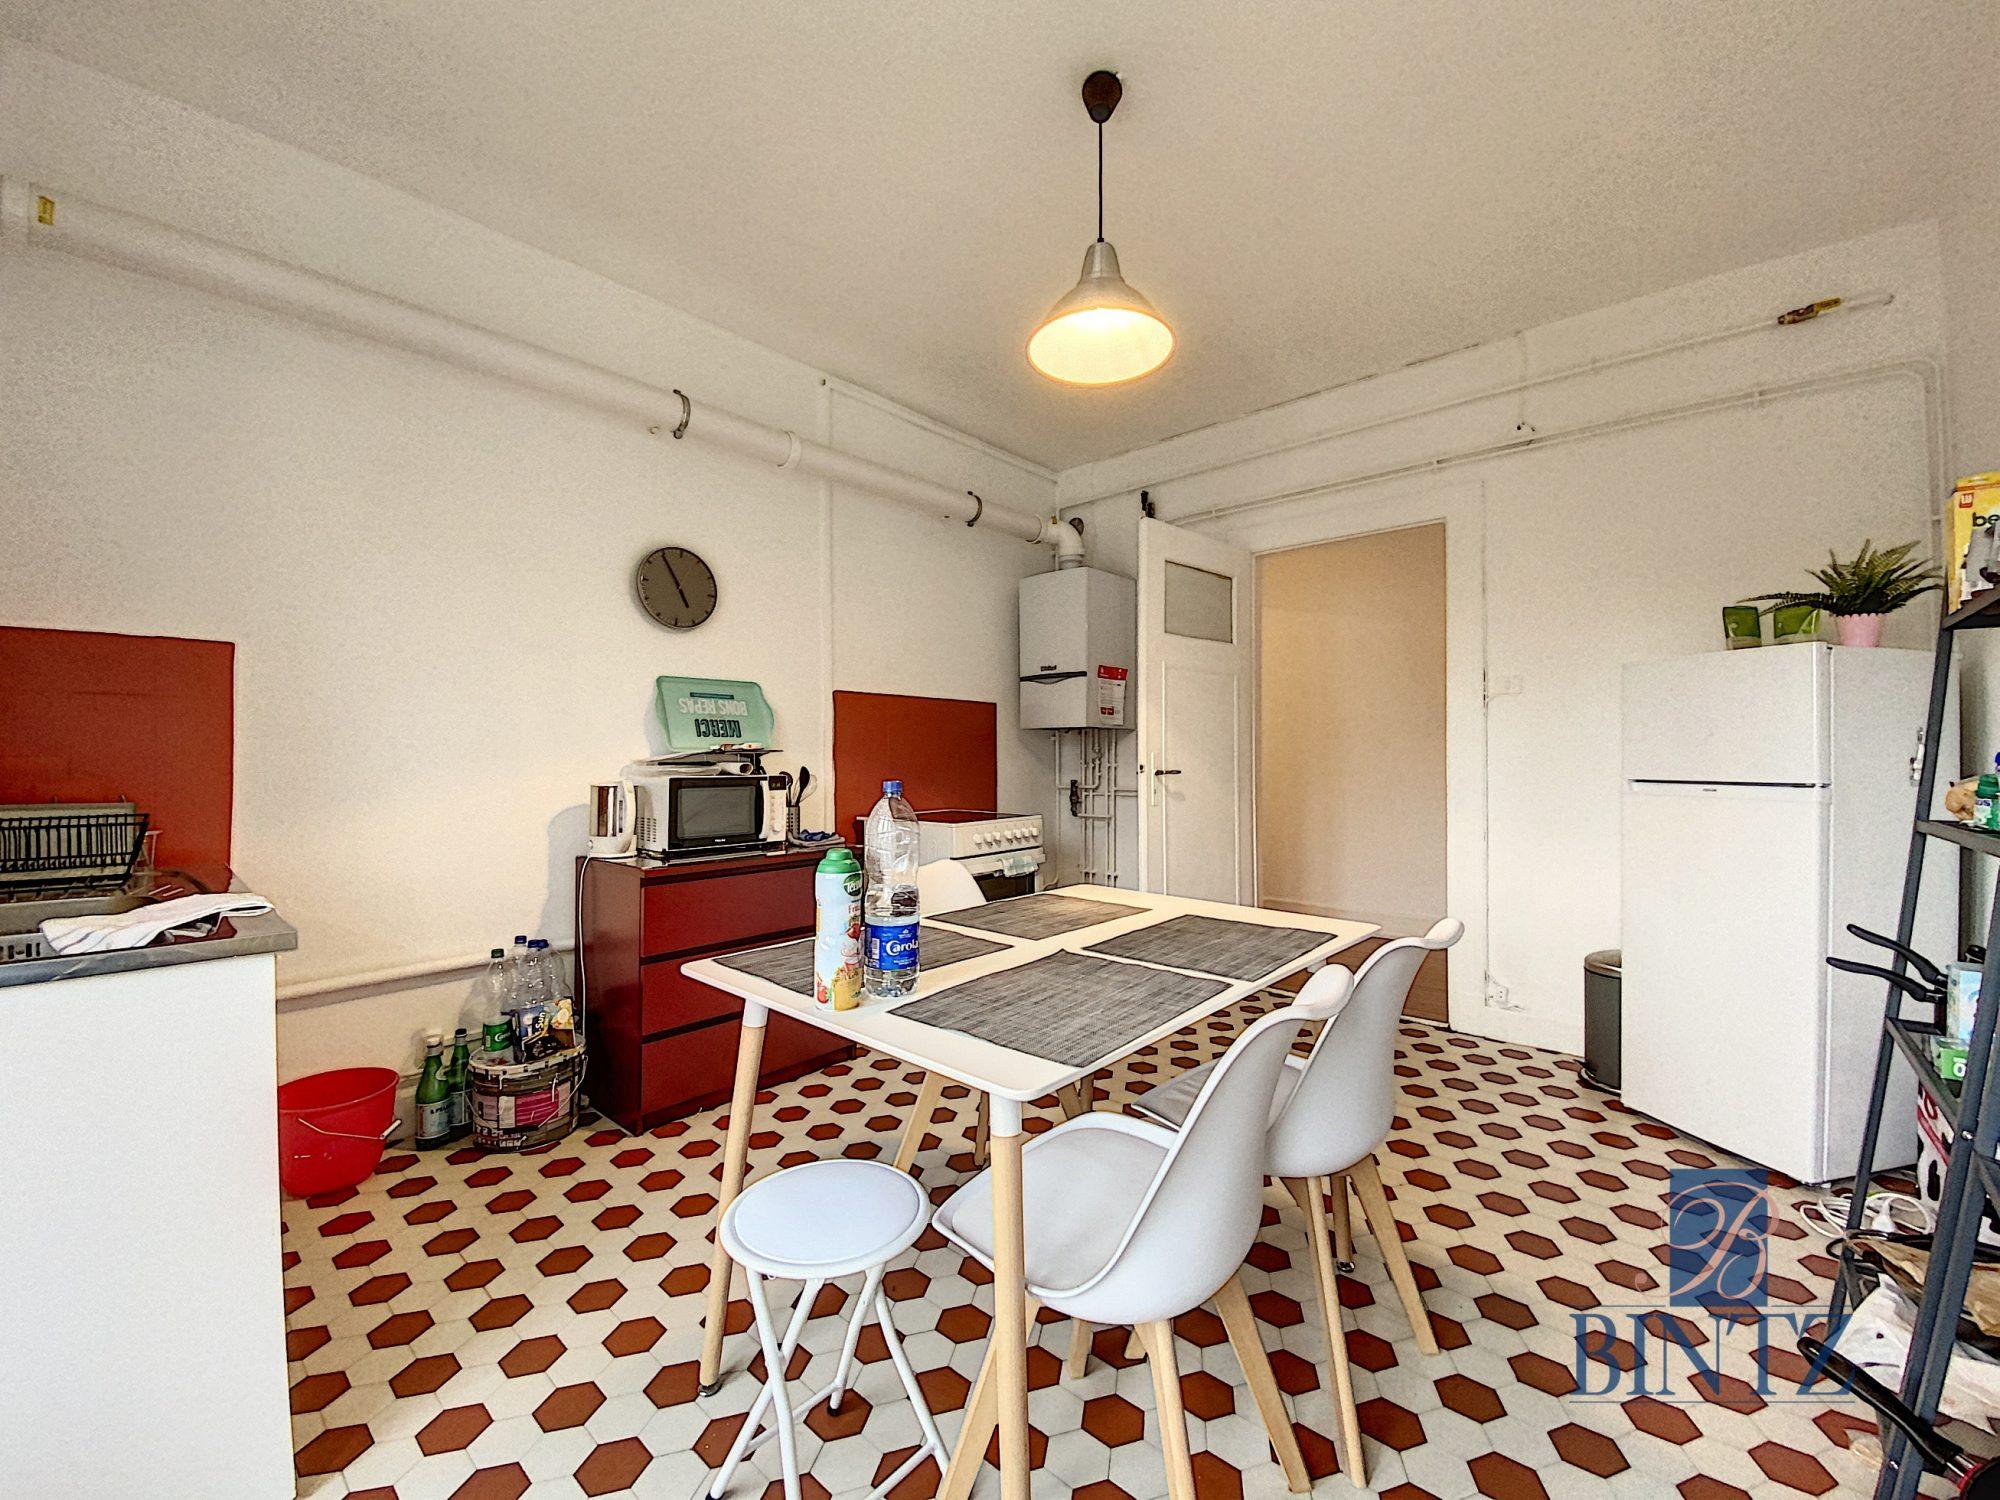 GRAND 1 PIÈCE KRUTENEAU - Devenez locataire en toute sérénité - Bintz Immobilier - 10